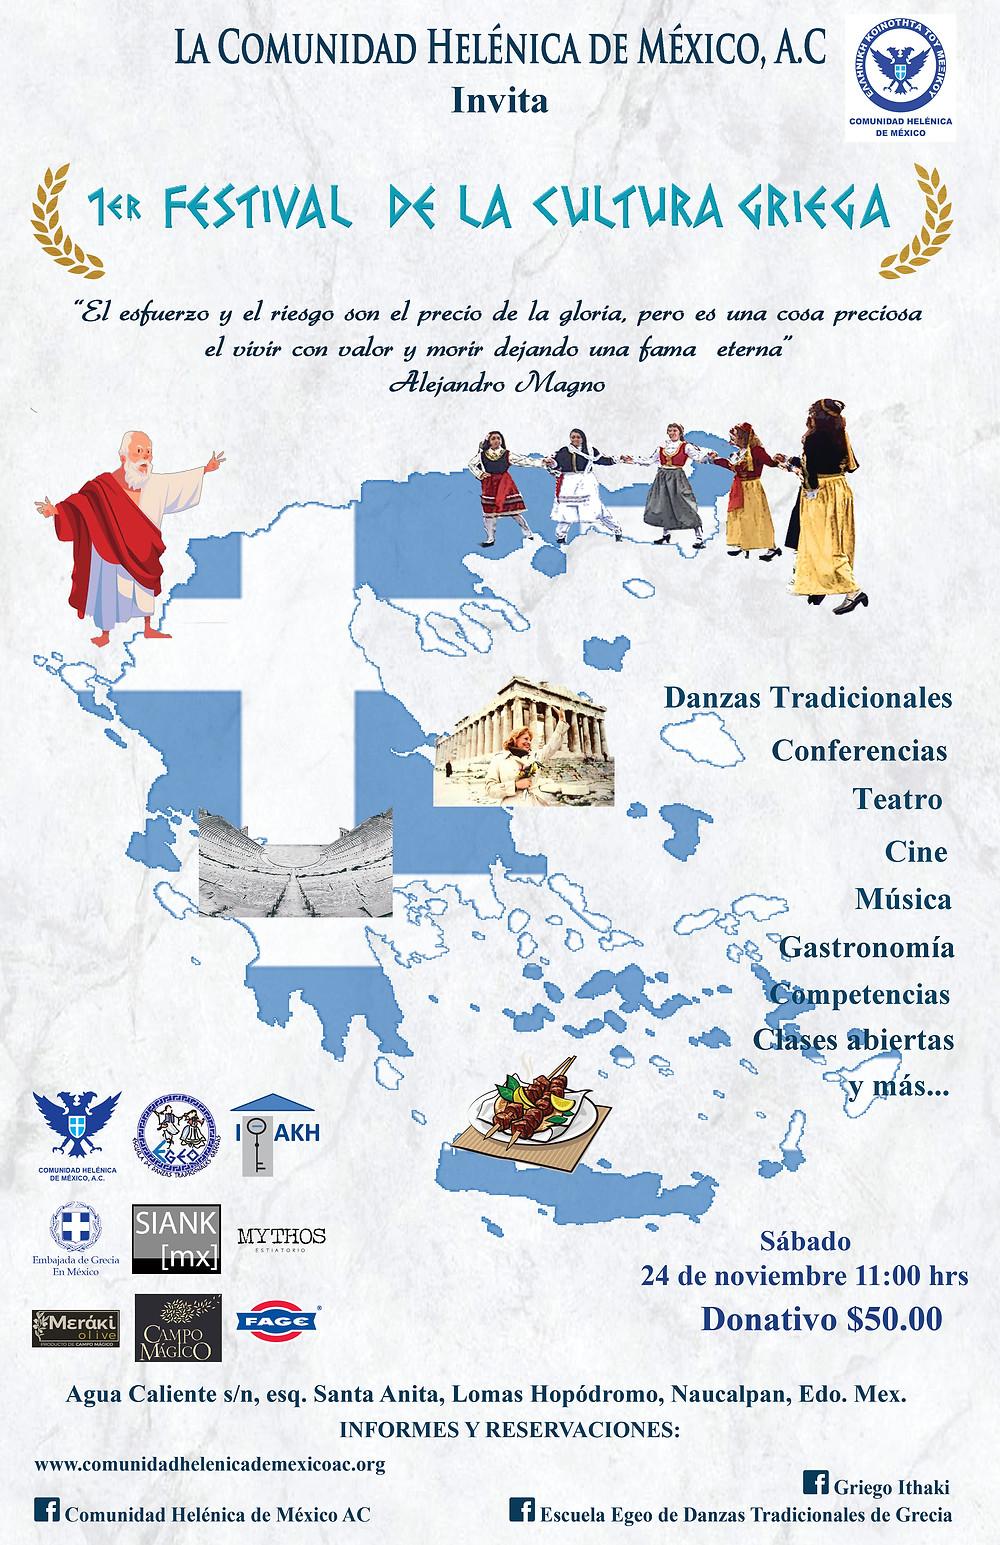 Πρώτο Ελληνικό Πολιτιστικό Φεστιβάλ στην Ελληνική Κοινότητα Μεξικού